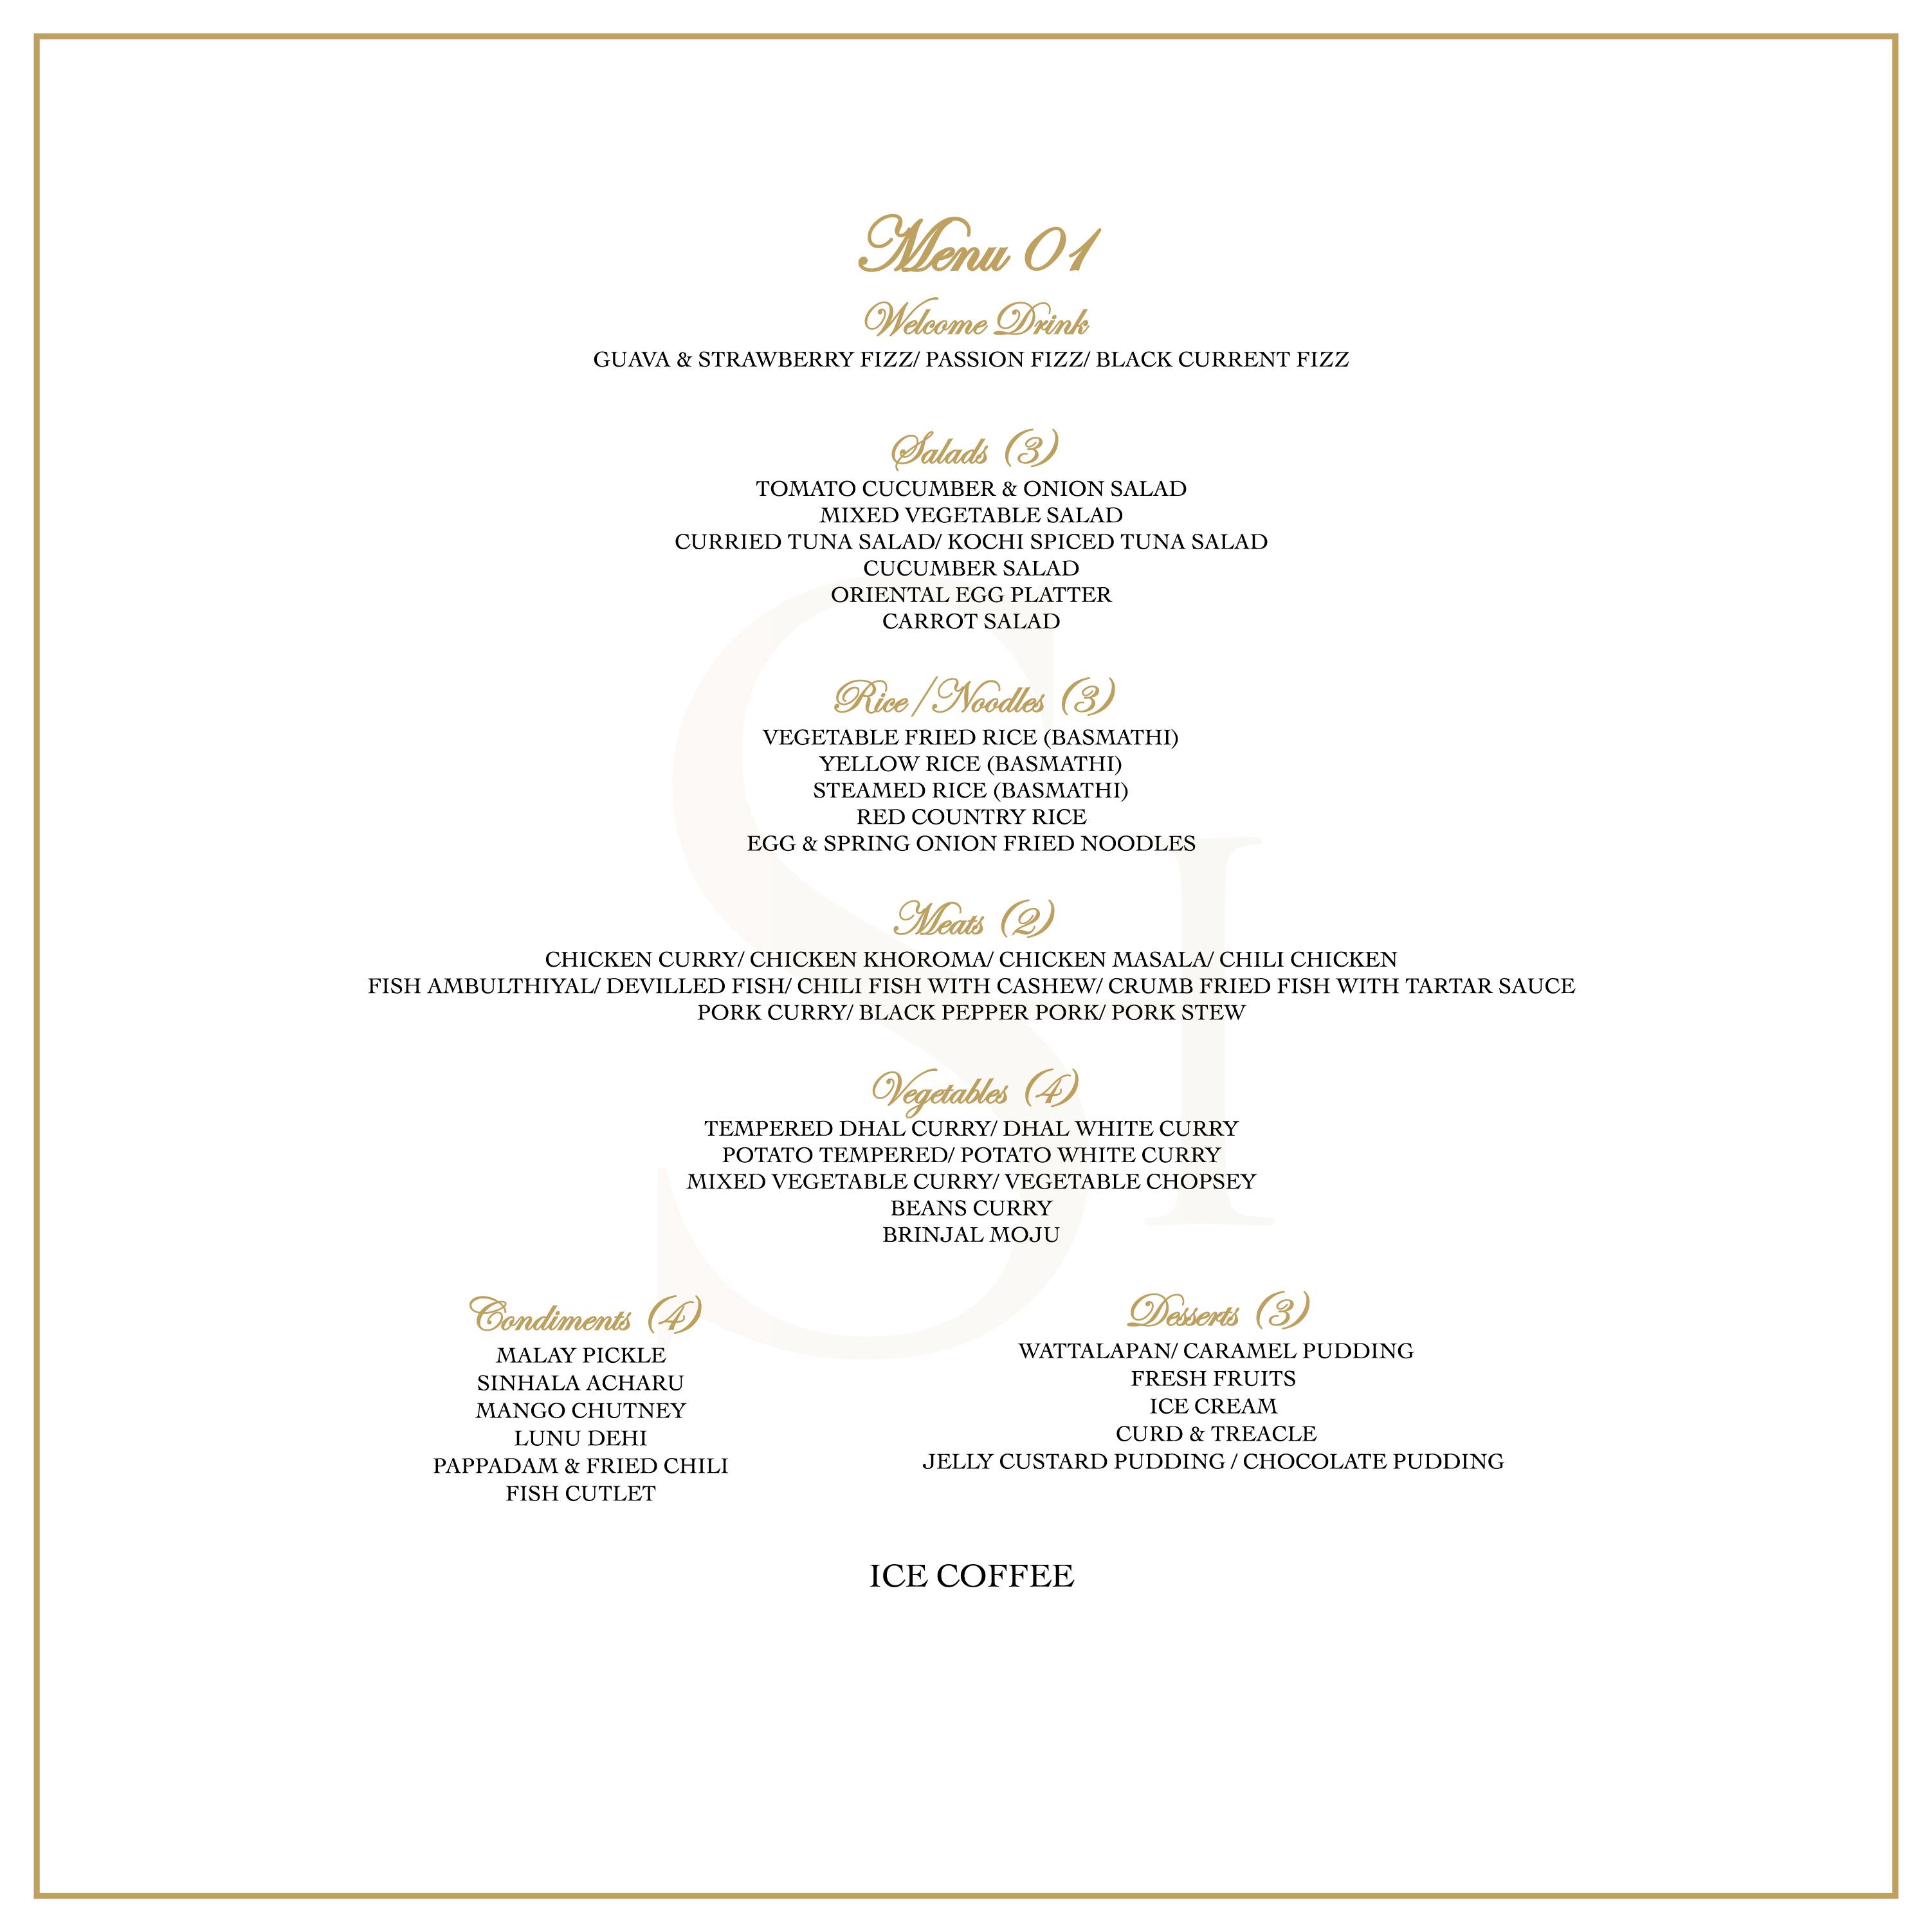 Banquet Menu 1